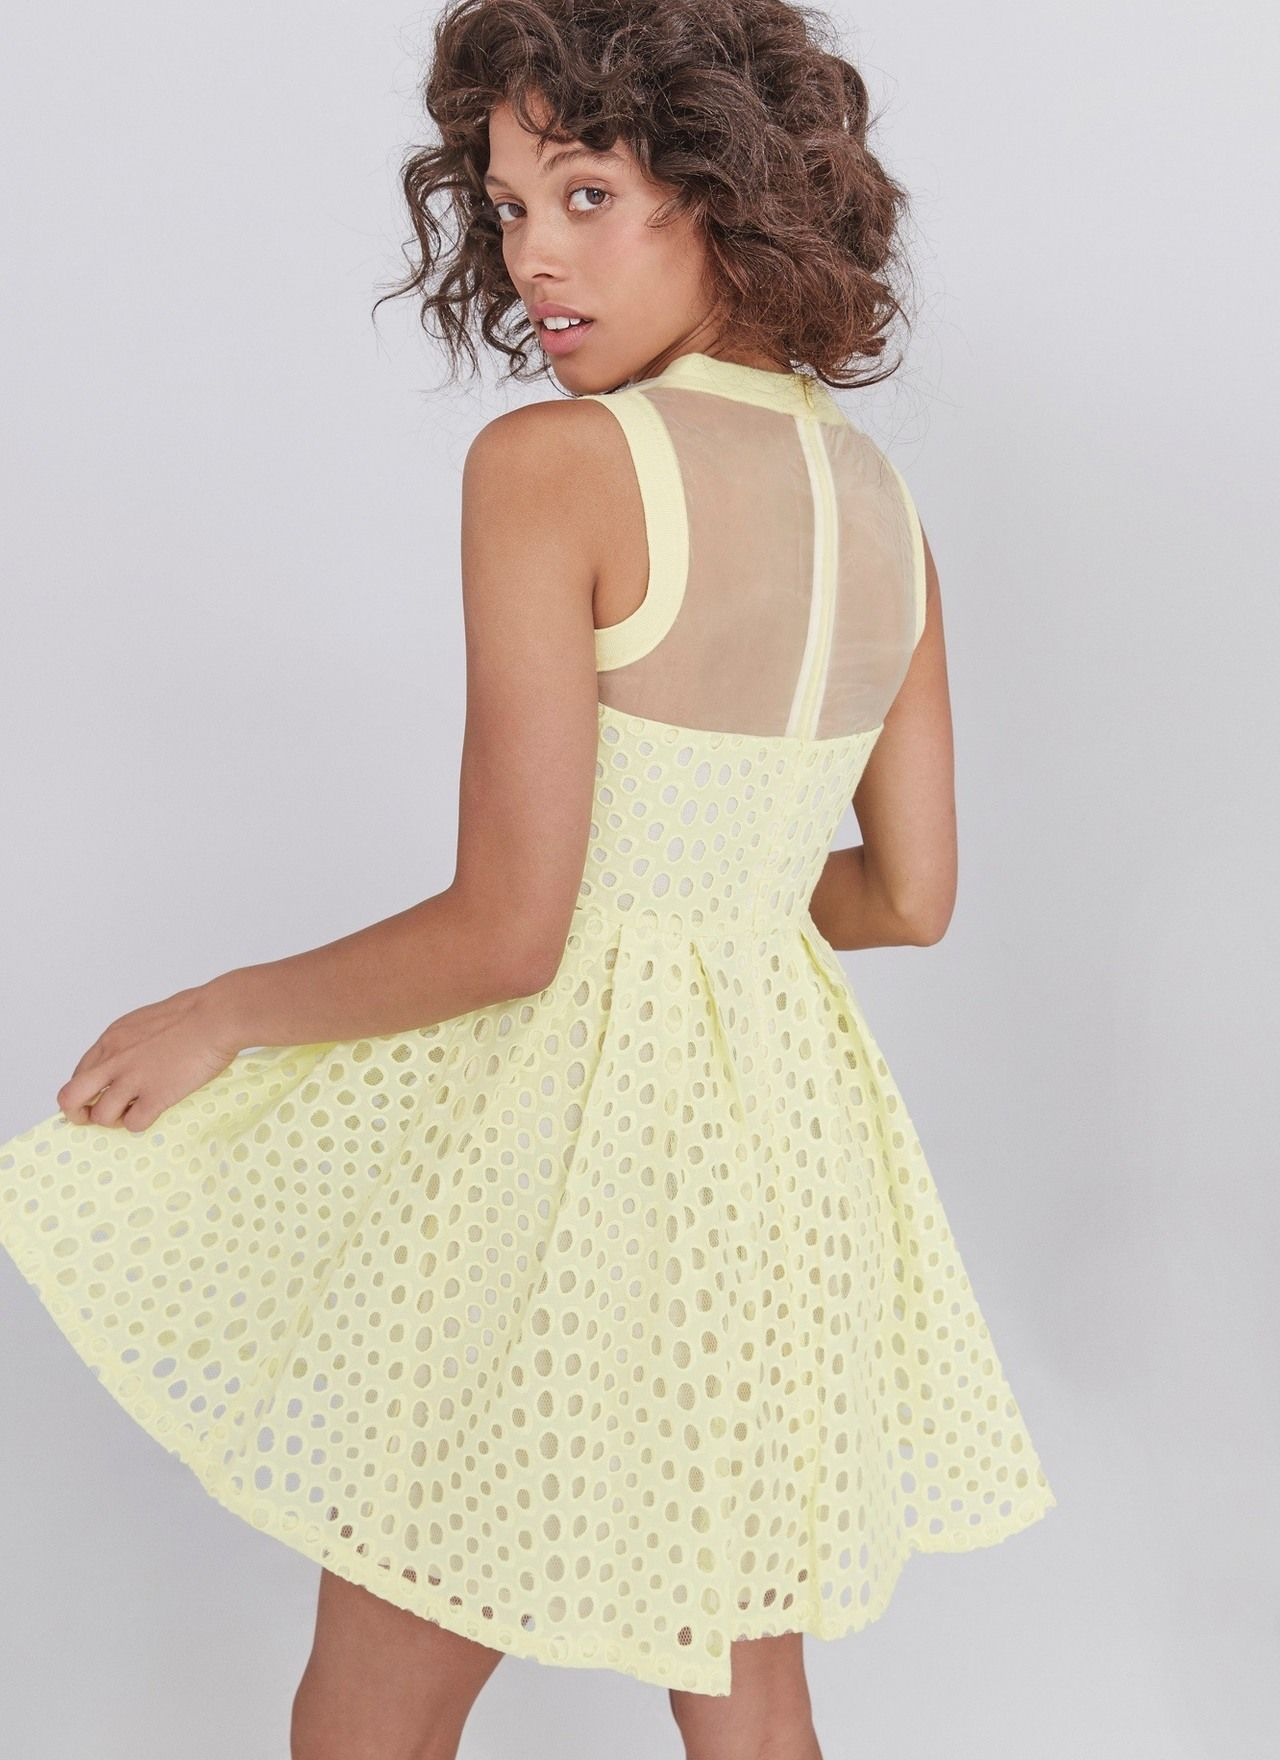 Vestido lady troquelado - Vestidos | Adolfo Dominguez shop online